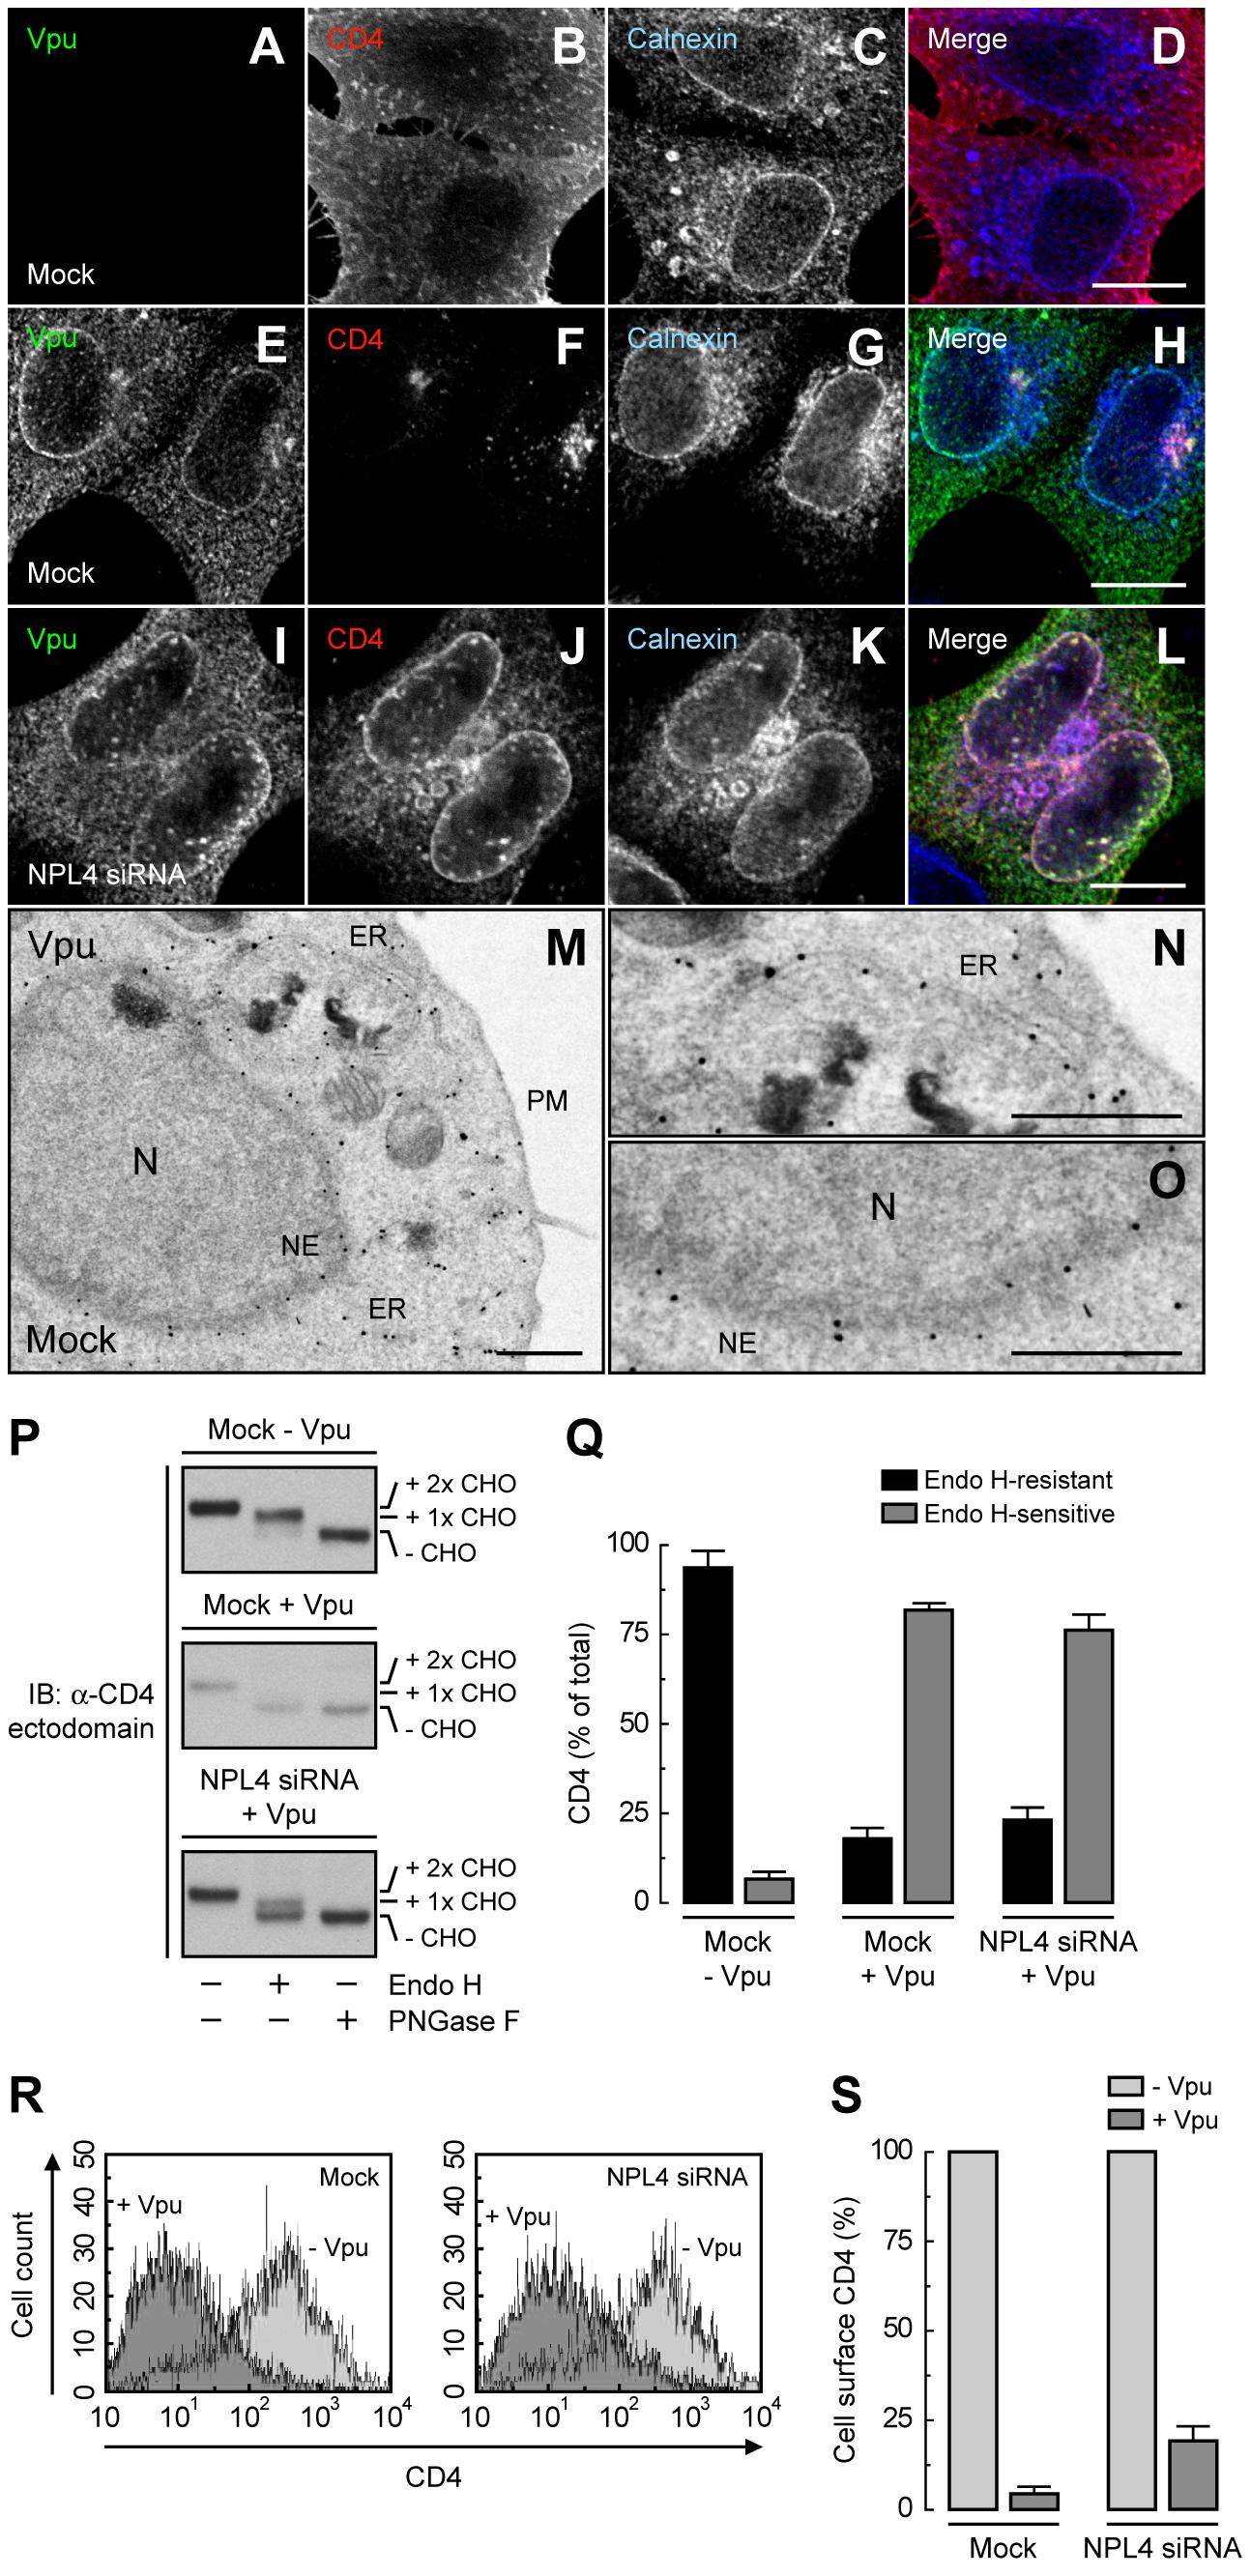 ER retention of CD4 mediated by Vpu.